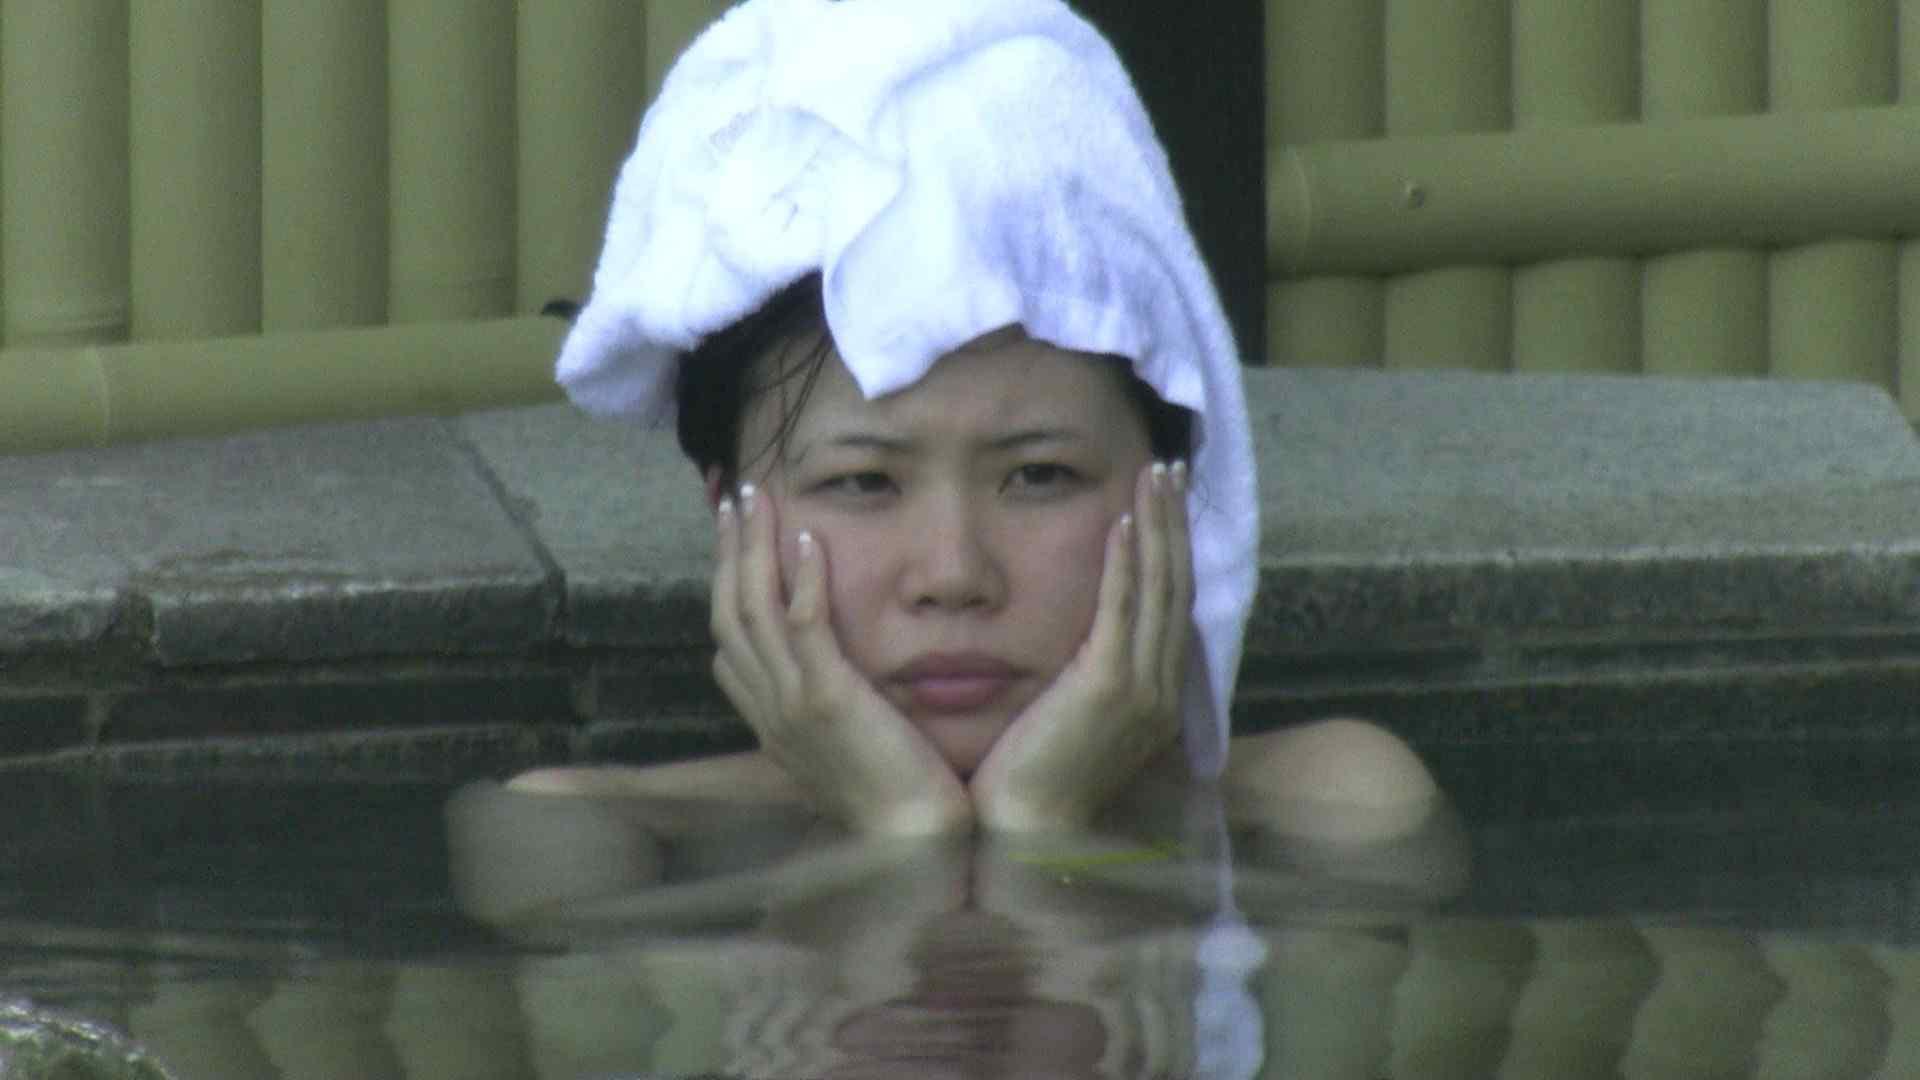 Aquaな露天風呂Vol.183 露天 オメコ動画キャプチャ 69画像 65